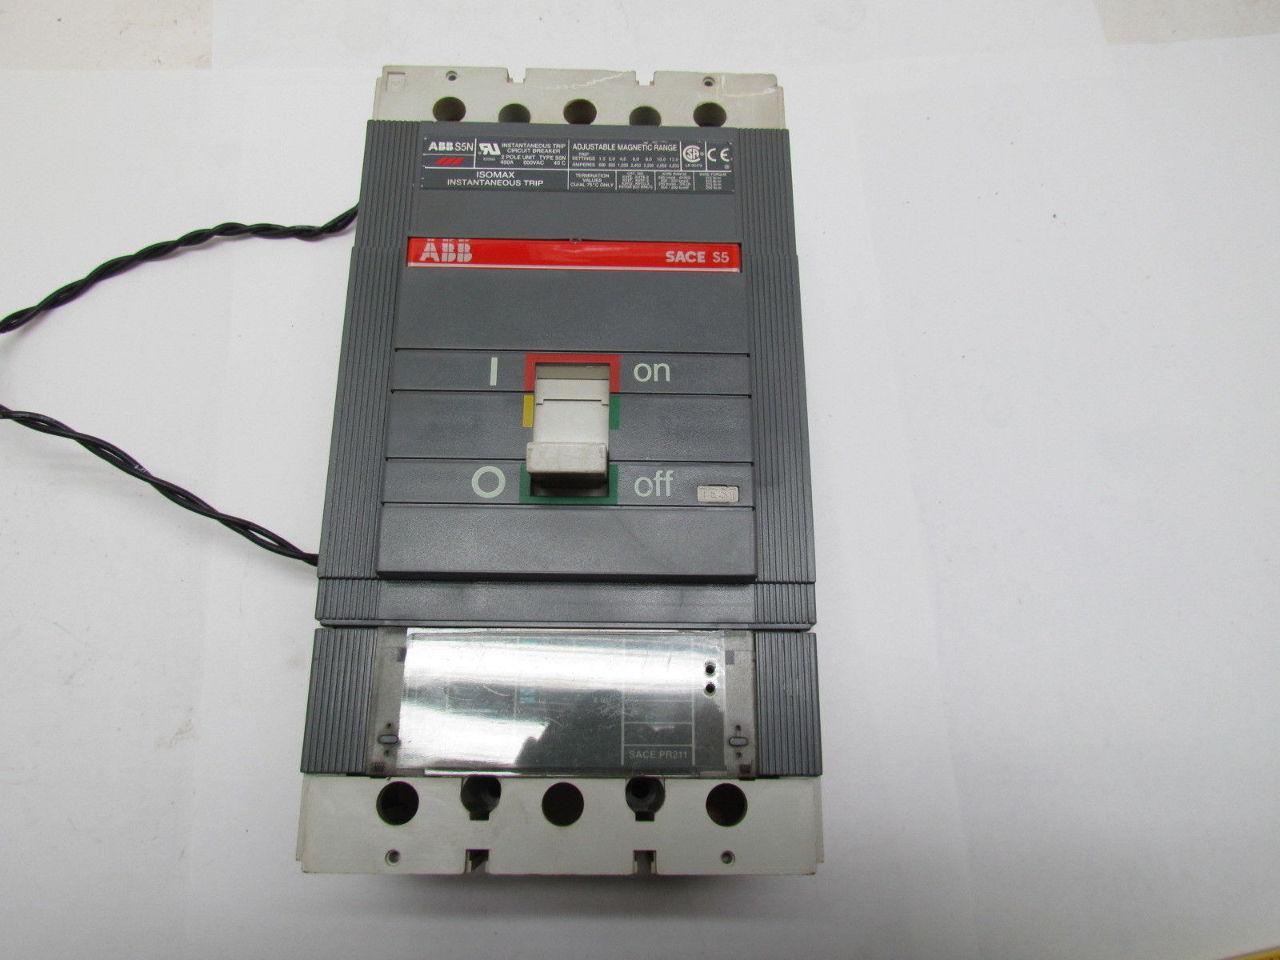 Shunt Trip Breaker Wiring Diagram On Circuit Breaker Wire Diagram By